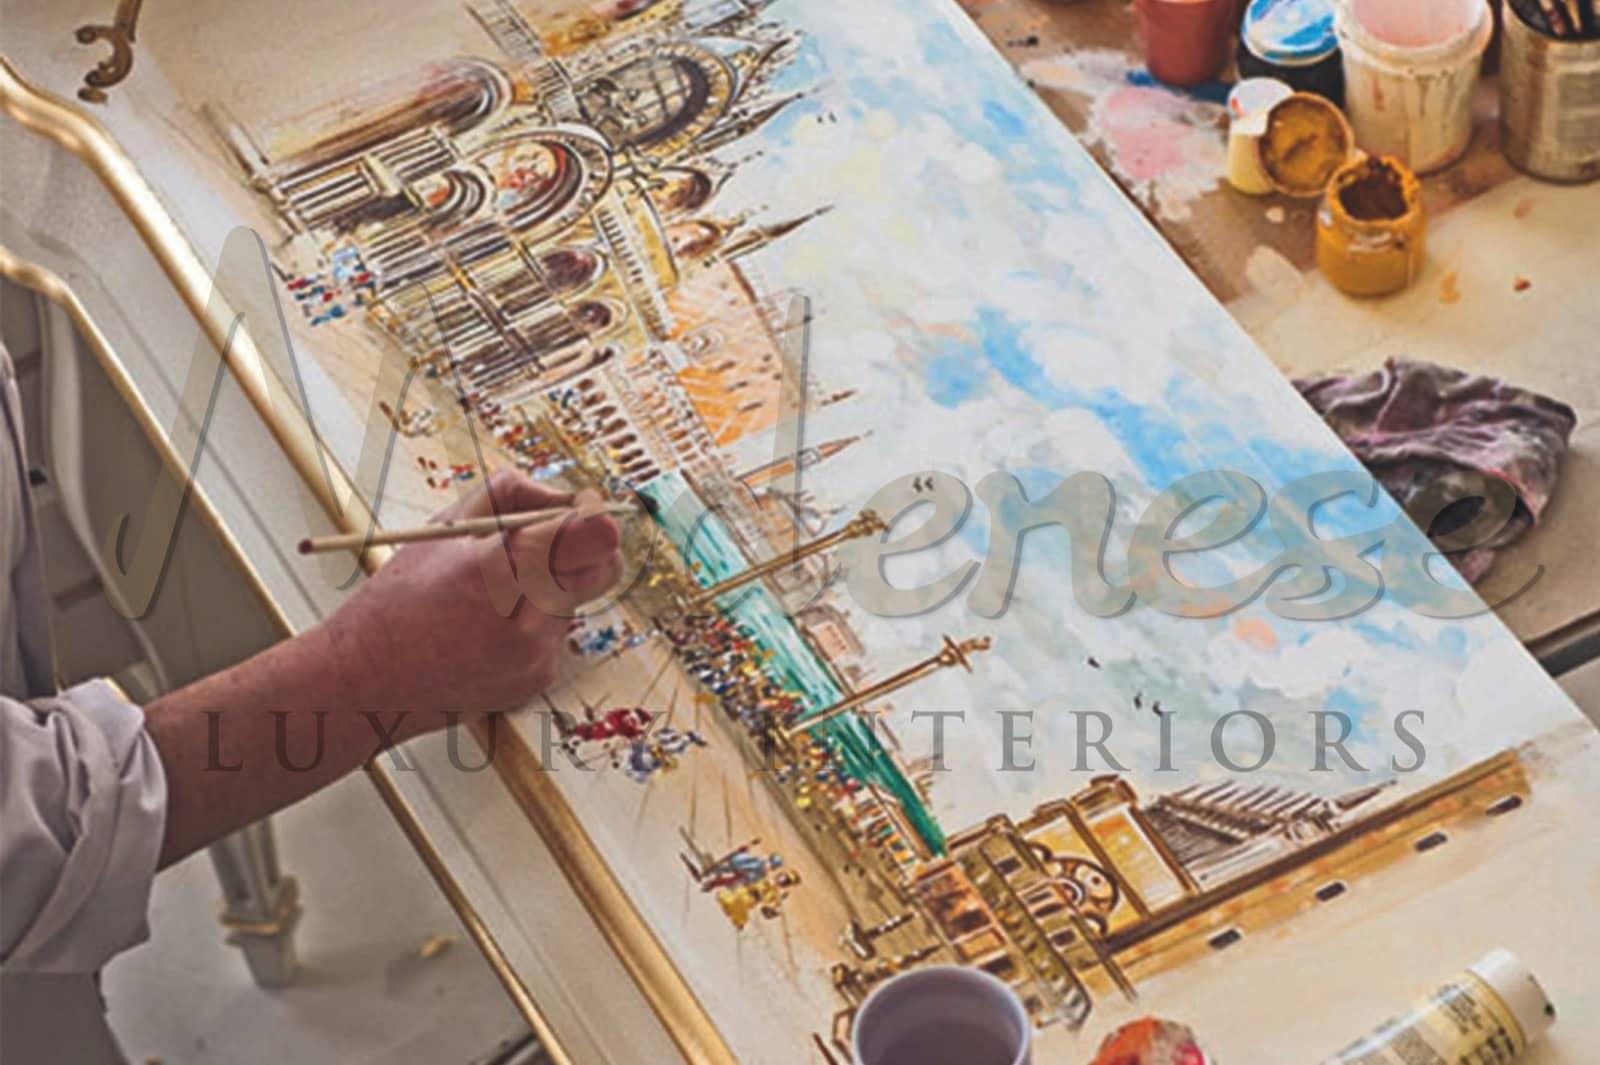 التصنيع ، إيطالي ، أثاث مخصص ، ملون ، قطع مرسومة يدويًا ، فن ، ديكورات داخلية كلاسيكية فاخرة ، ذهبي ، فضي ، ألوان ، مواد فاخرة ، زينة خشب حرفية ، جودة عالية ، طراز باروكي كلاسيكي ، مصقول ، ذوق غير مزمن